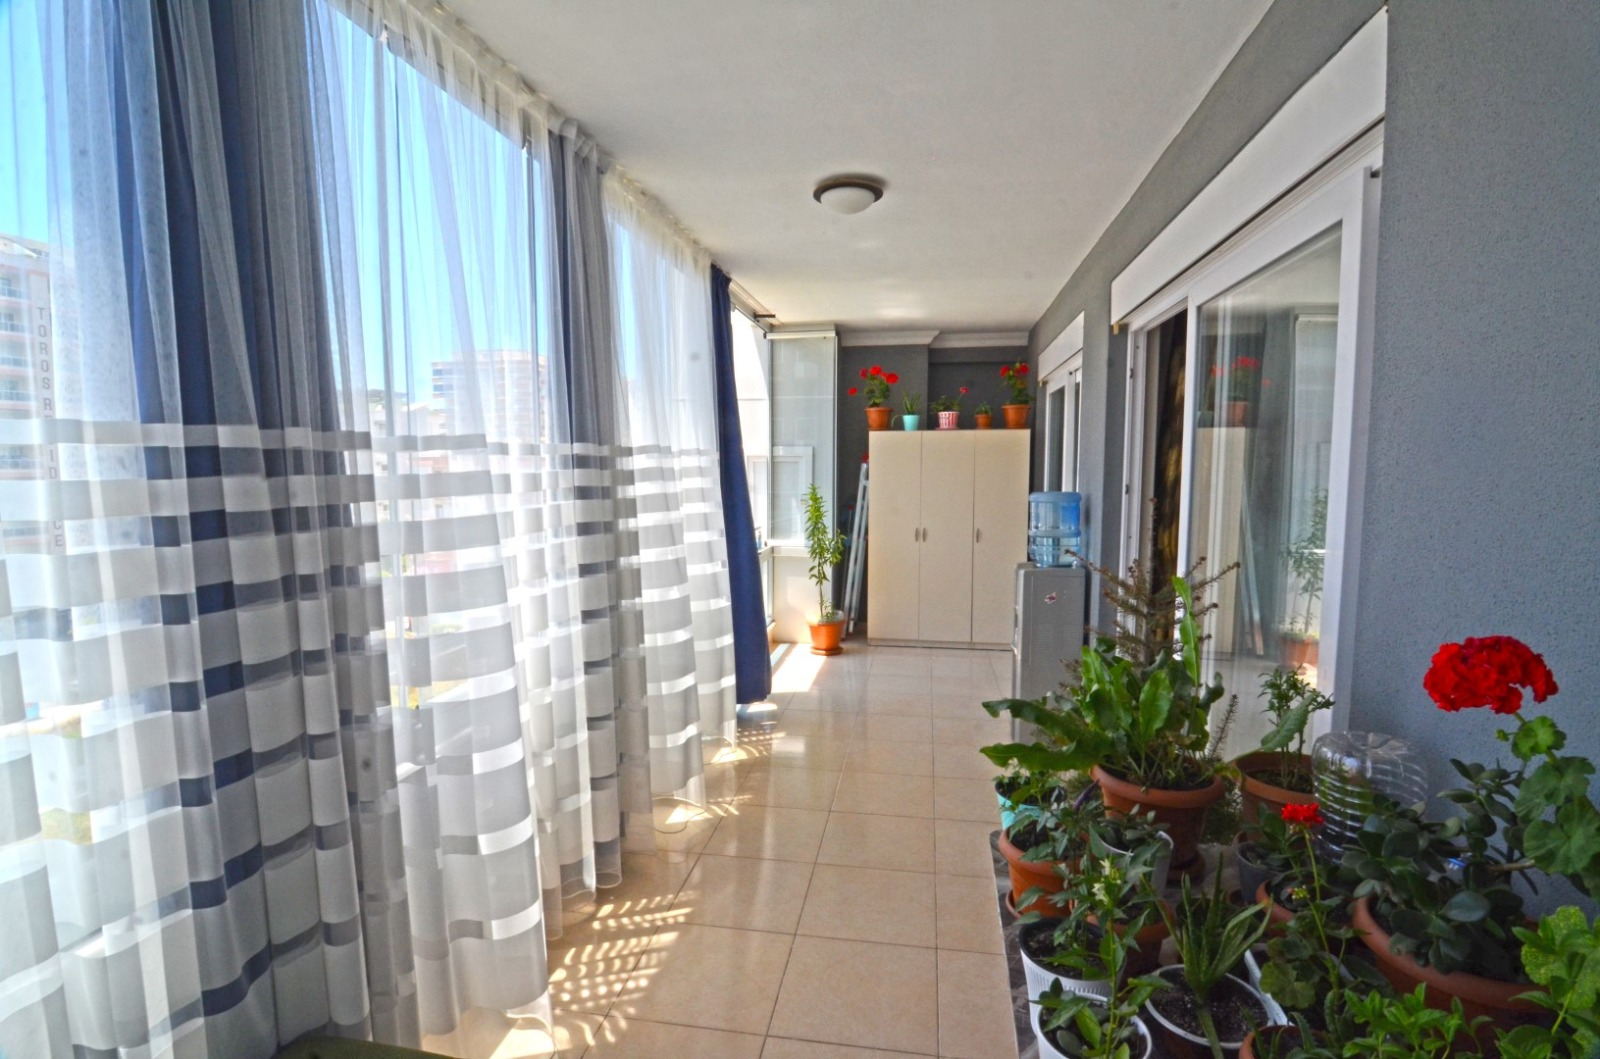 Меблированные апартаменты 1+1 в  Махмутлара - Фото 21